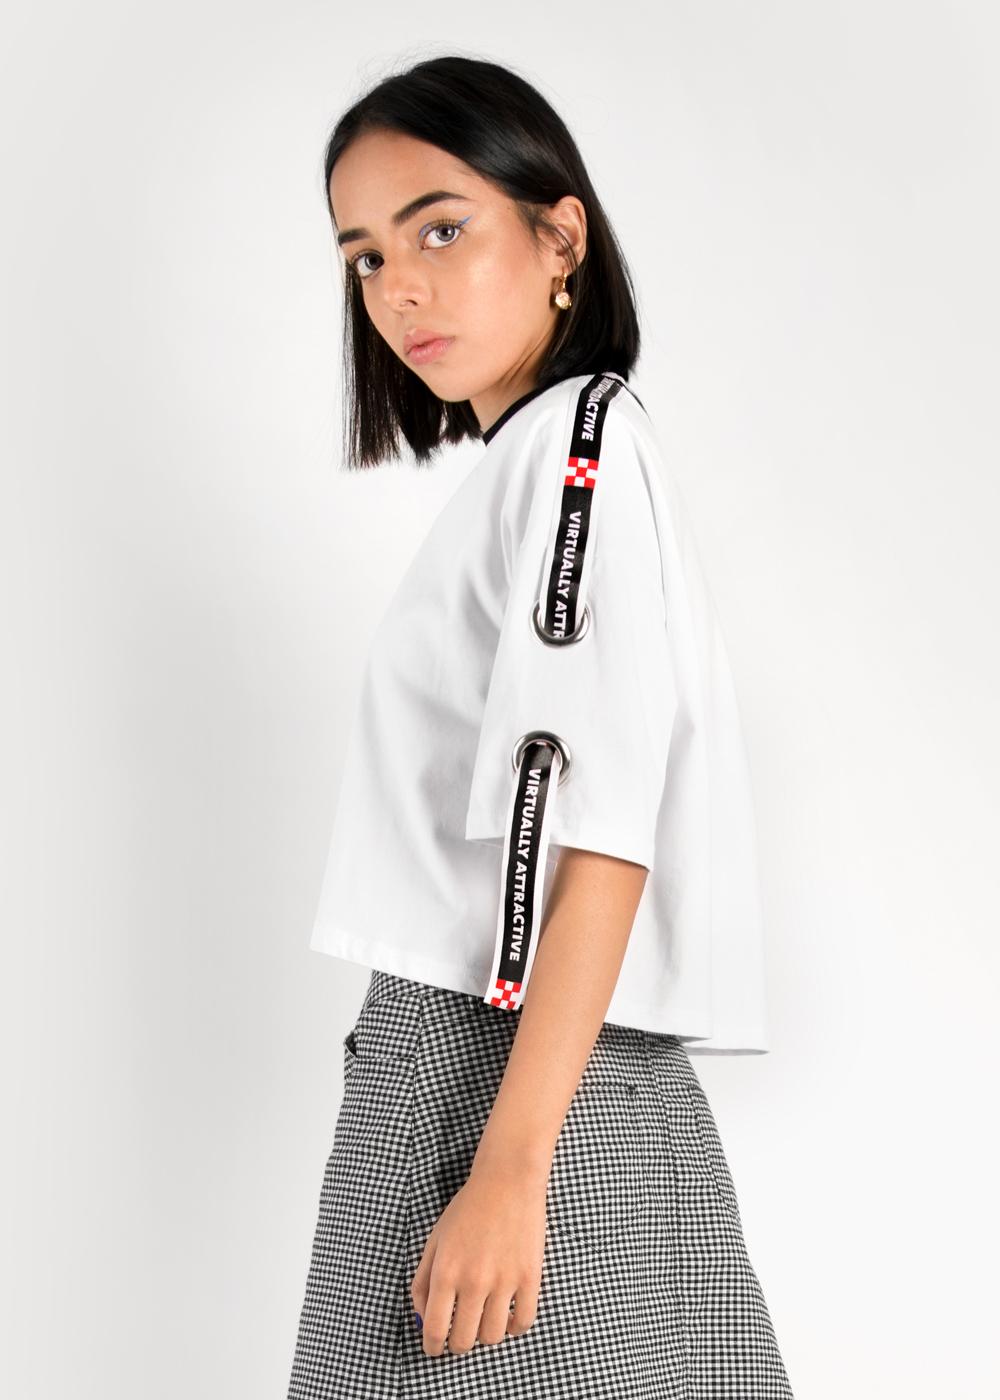 Wo_tapeTshirt2